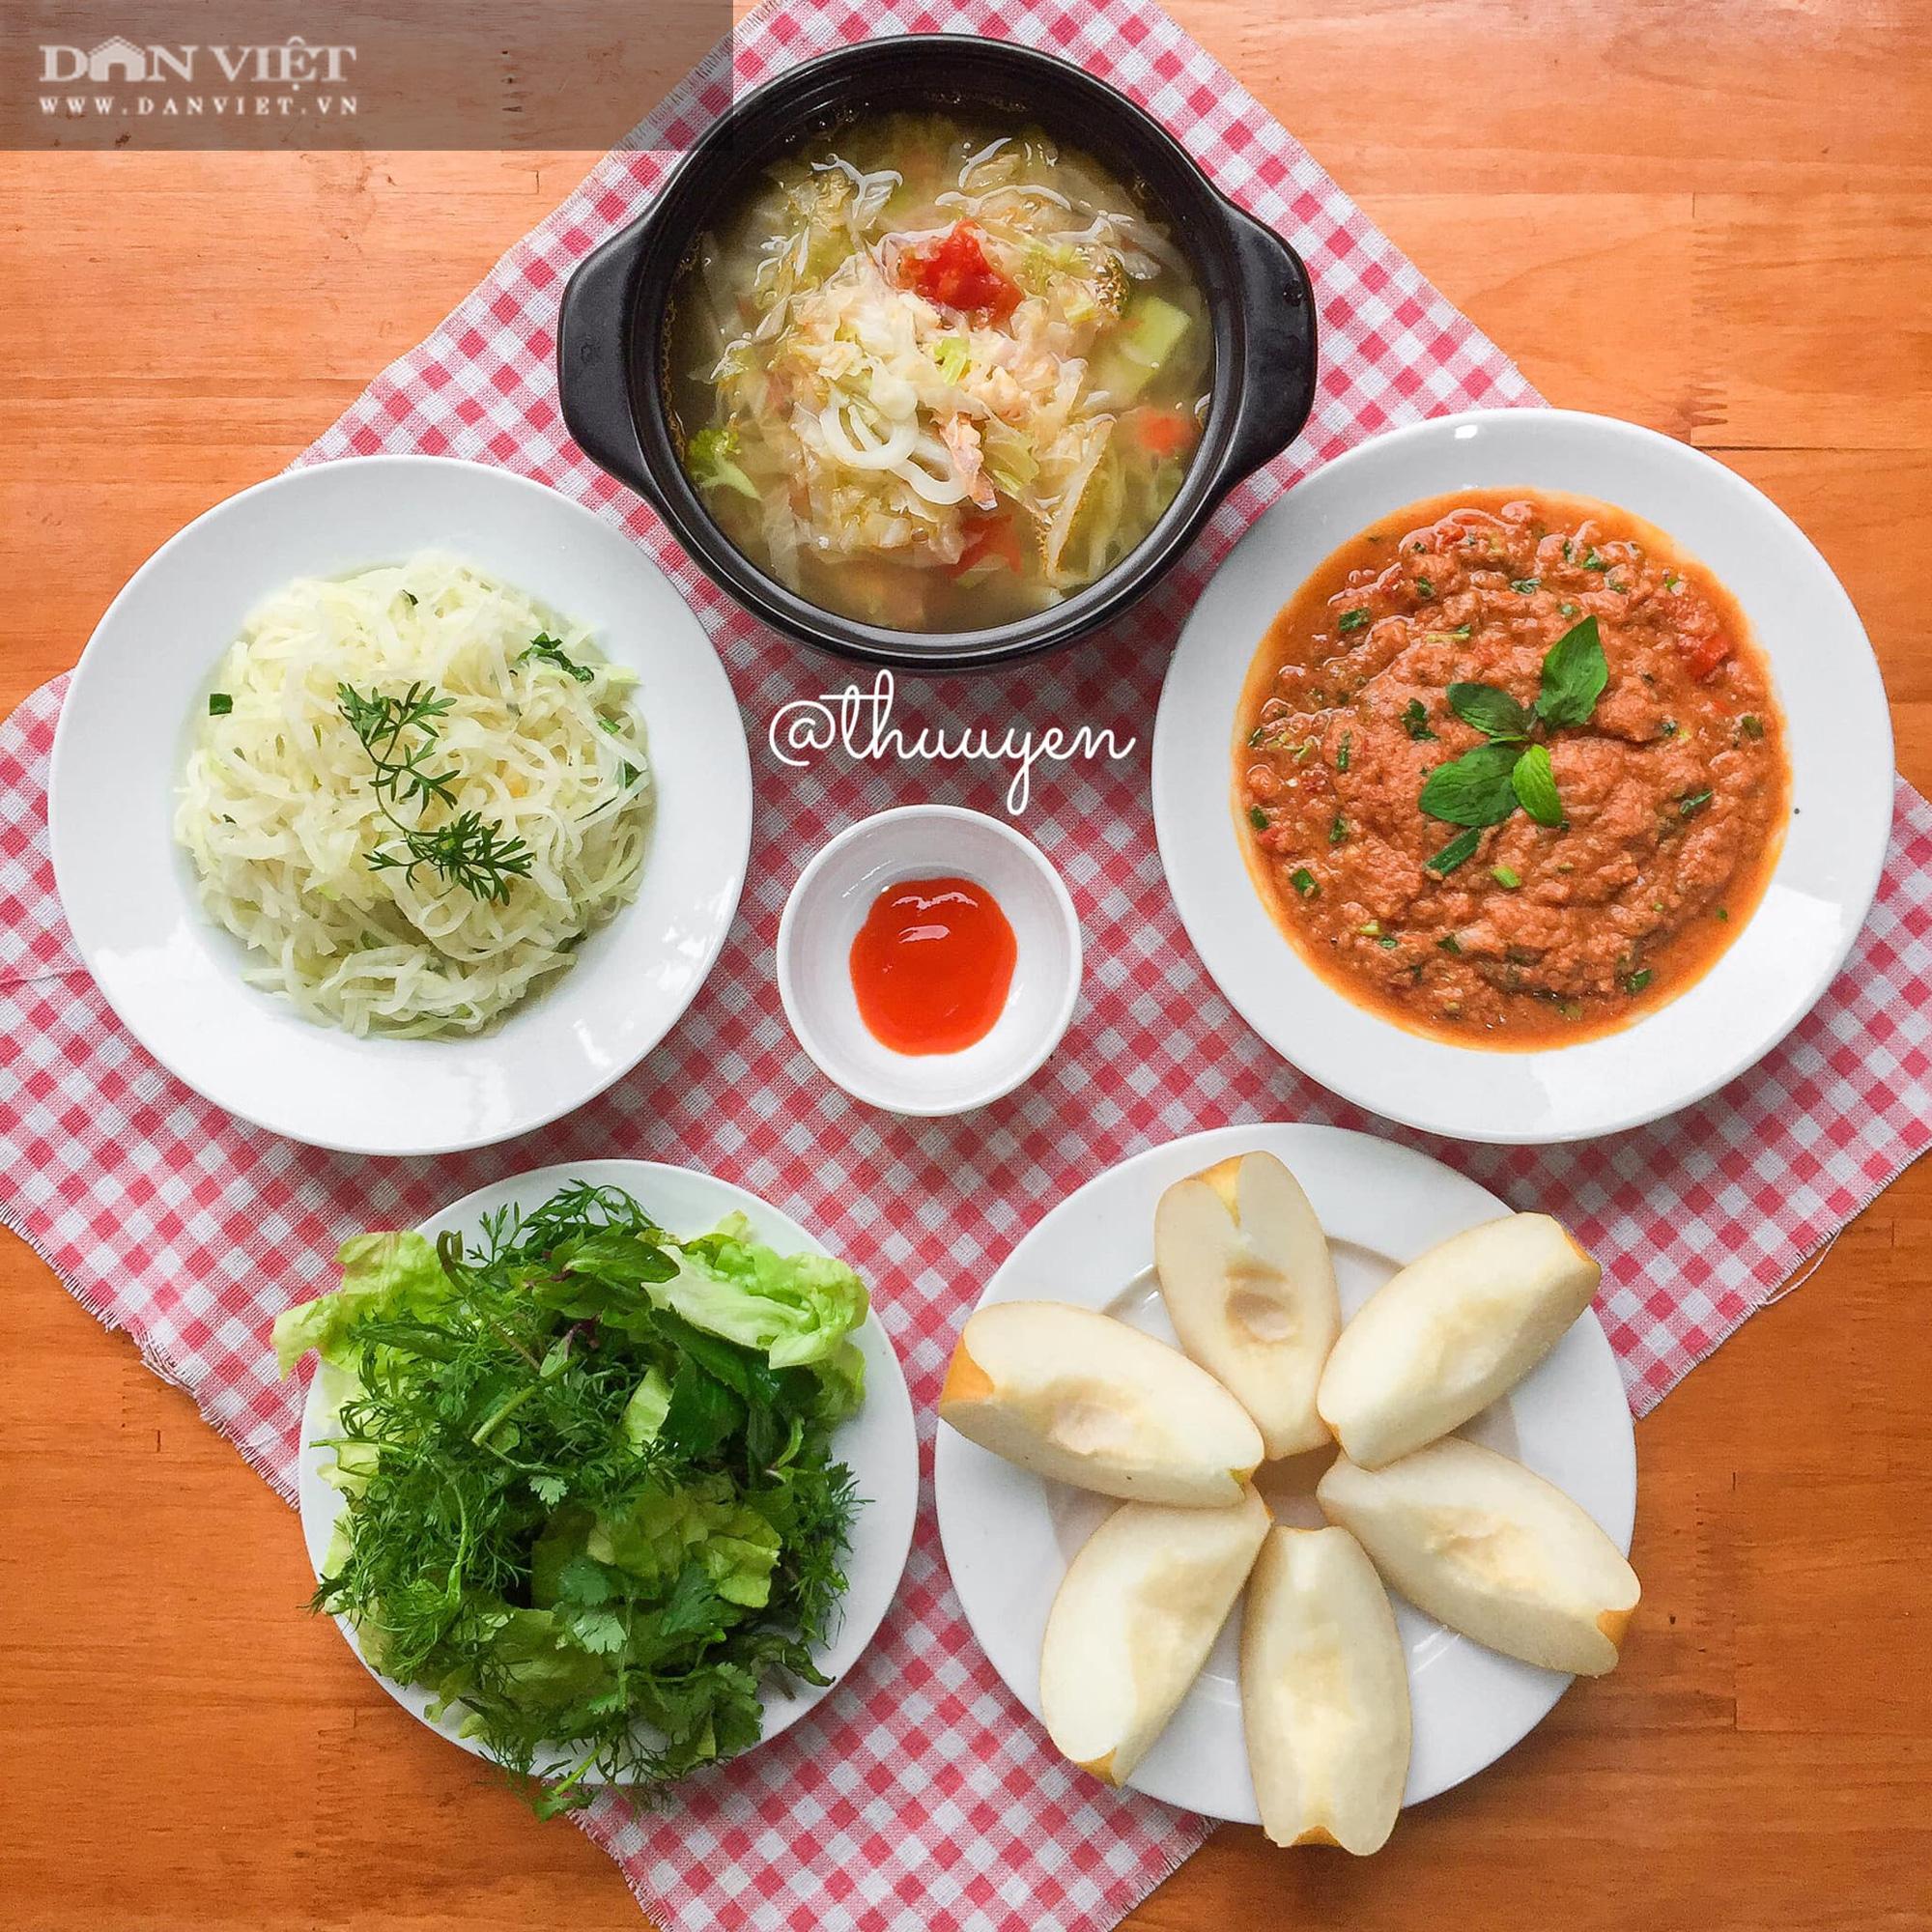 Gợi ý 9 thực đơn cho bữa cơm gia đình xua tan cái nóng của mùa hè - Ảnh 6.